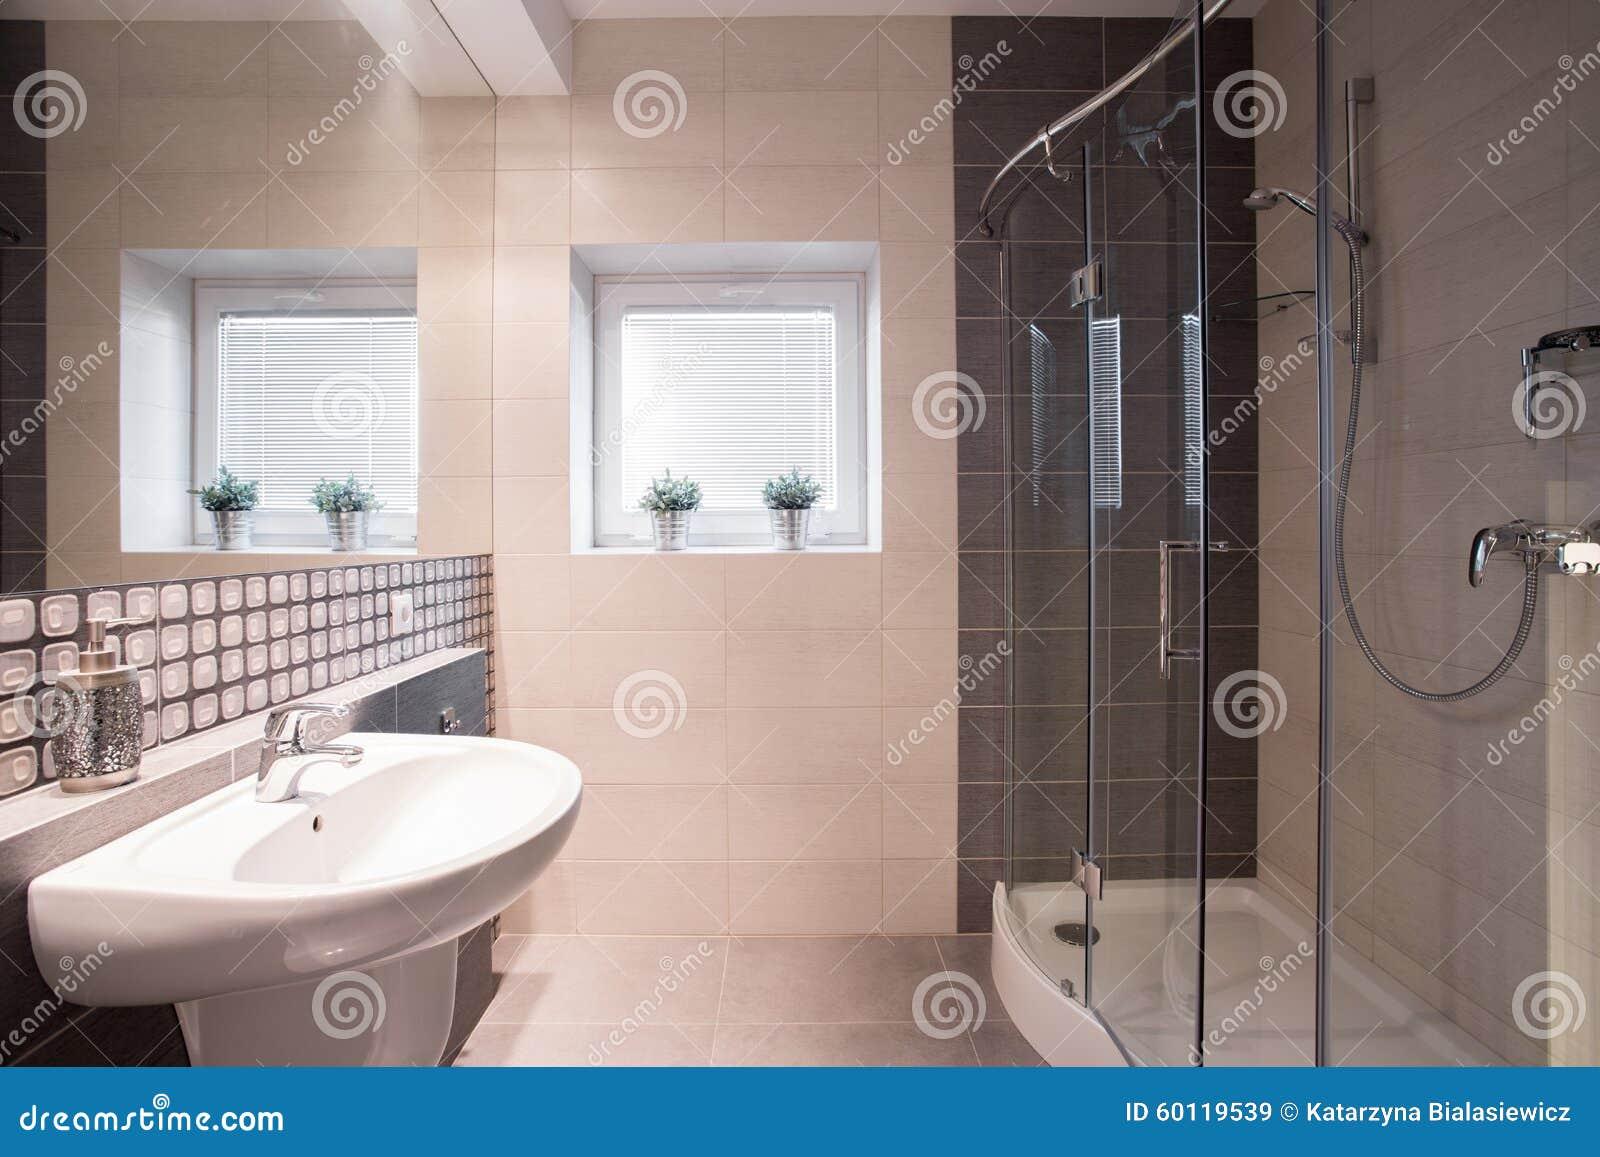 fantastisches badezimmer mit großer dusche stockfoto - bild: 60119539, Hause ideen